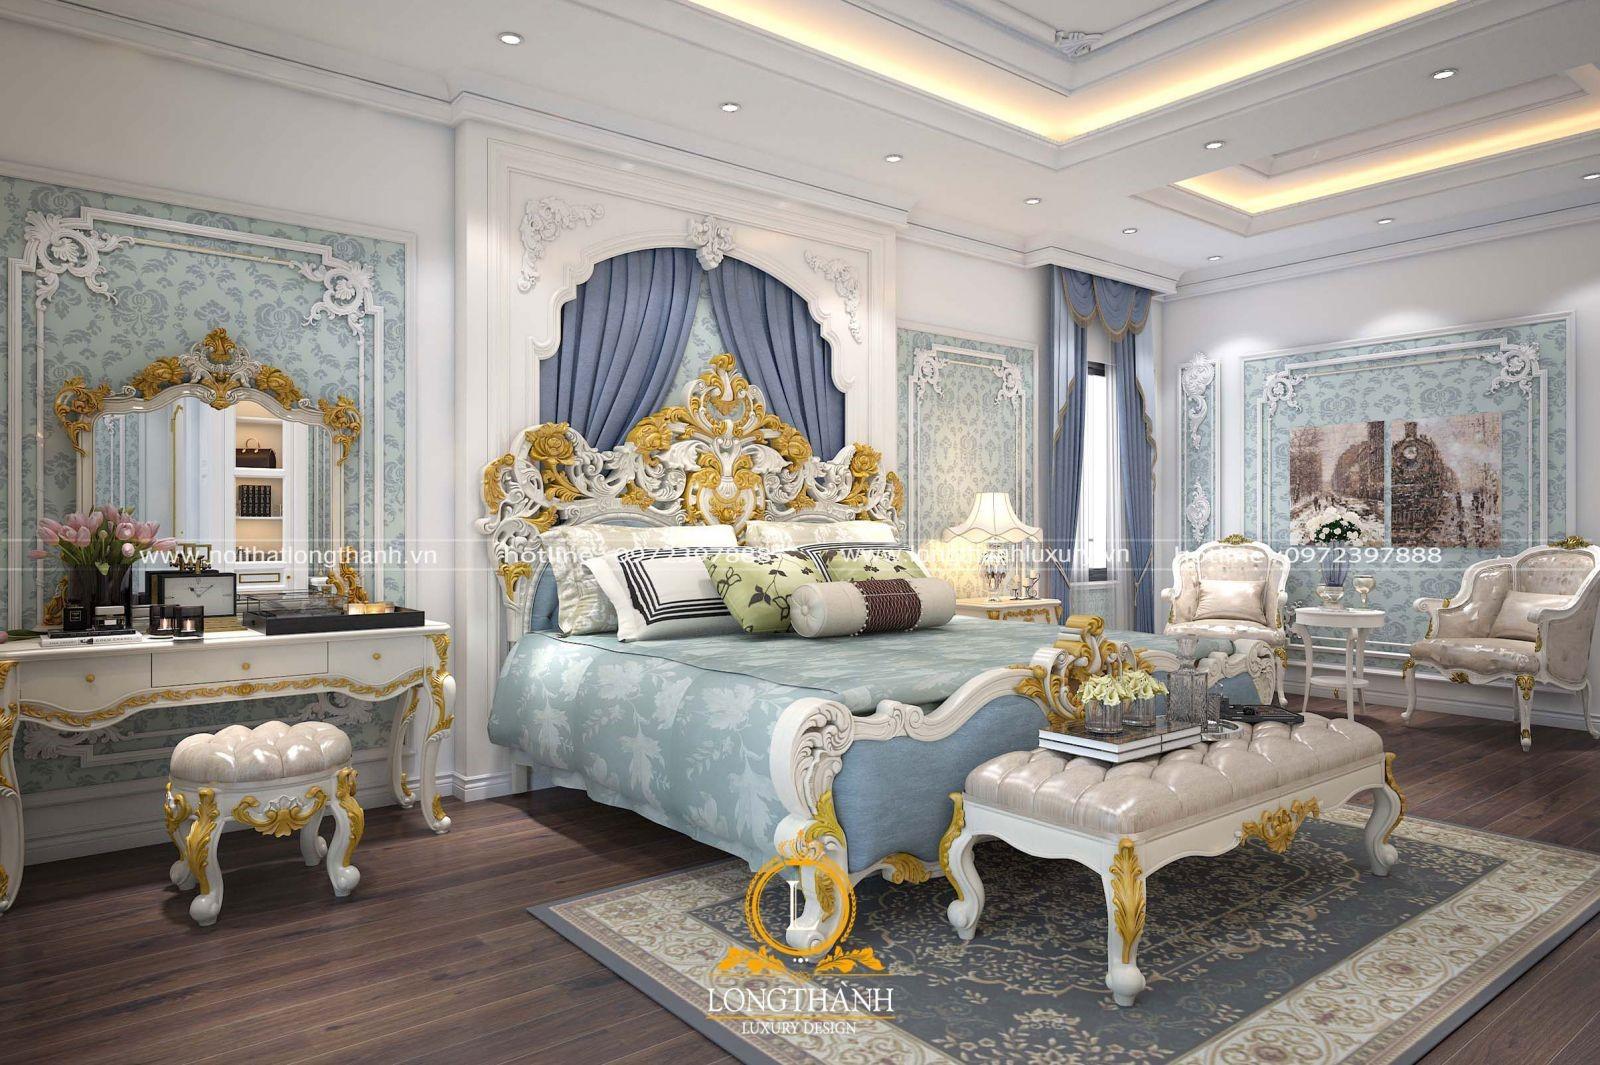 Thiết kế nội thất phòng ngủ nhà biệt thự mang mang màu sắc hiện đại cao cấp